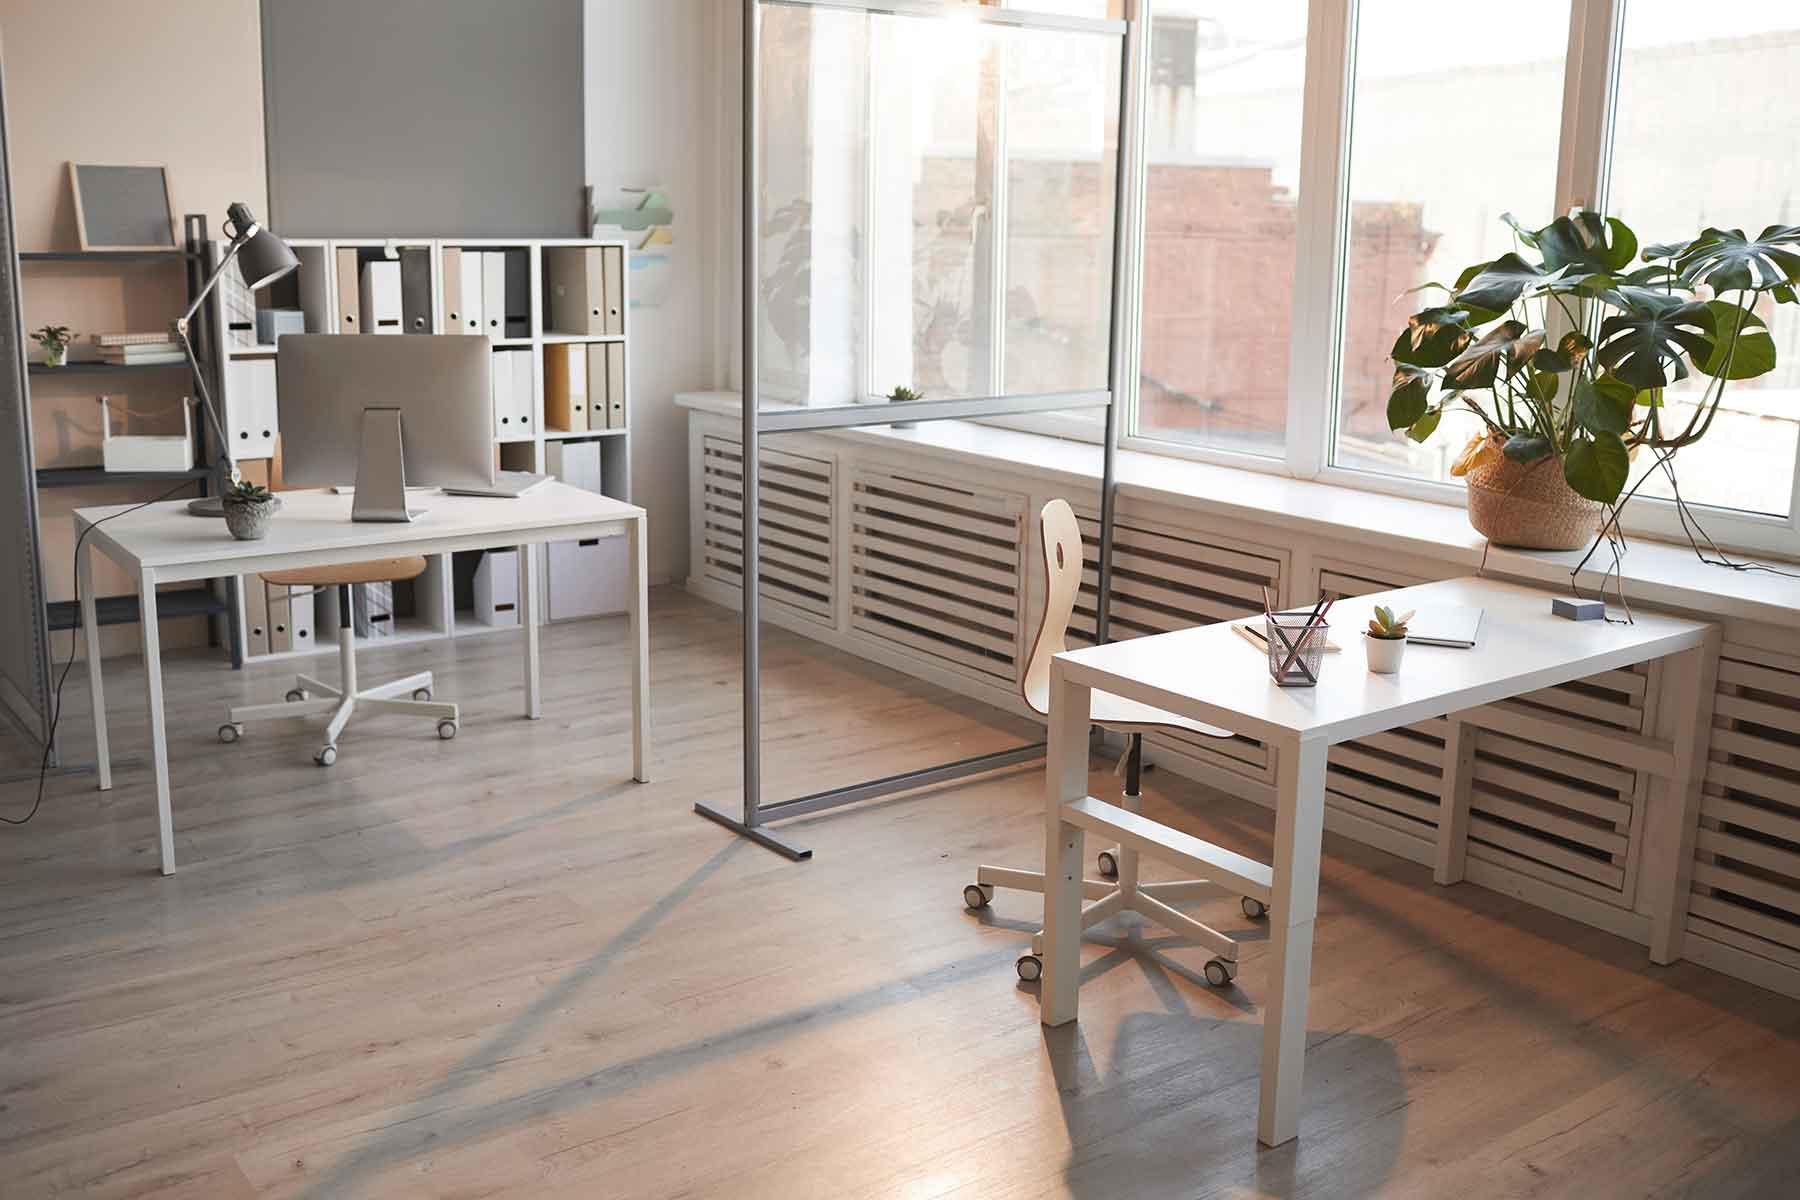 empty-room-at-office-building-VZ9YK4T.jpg